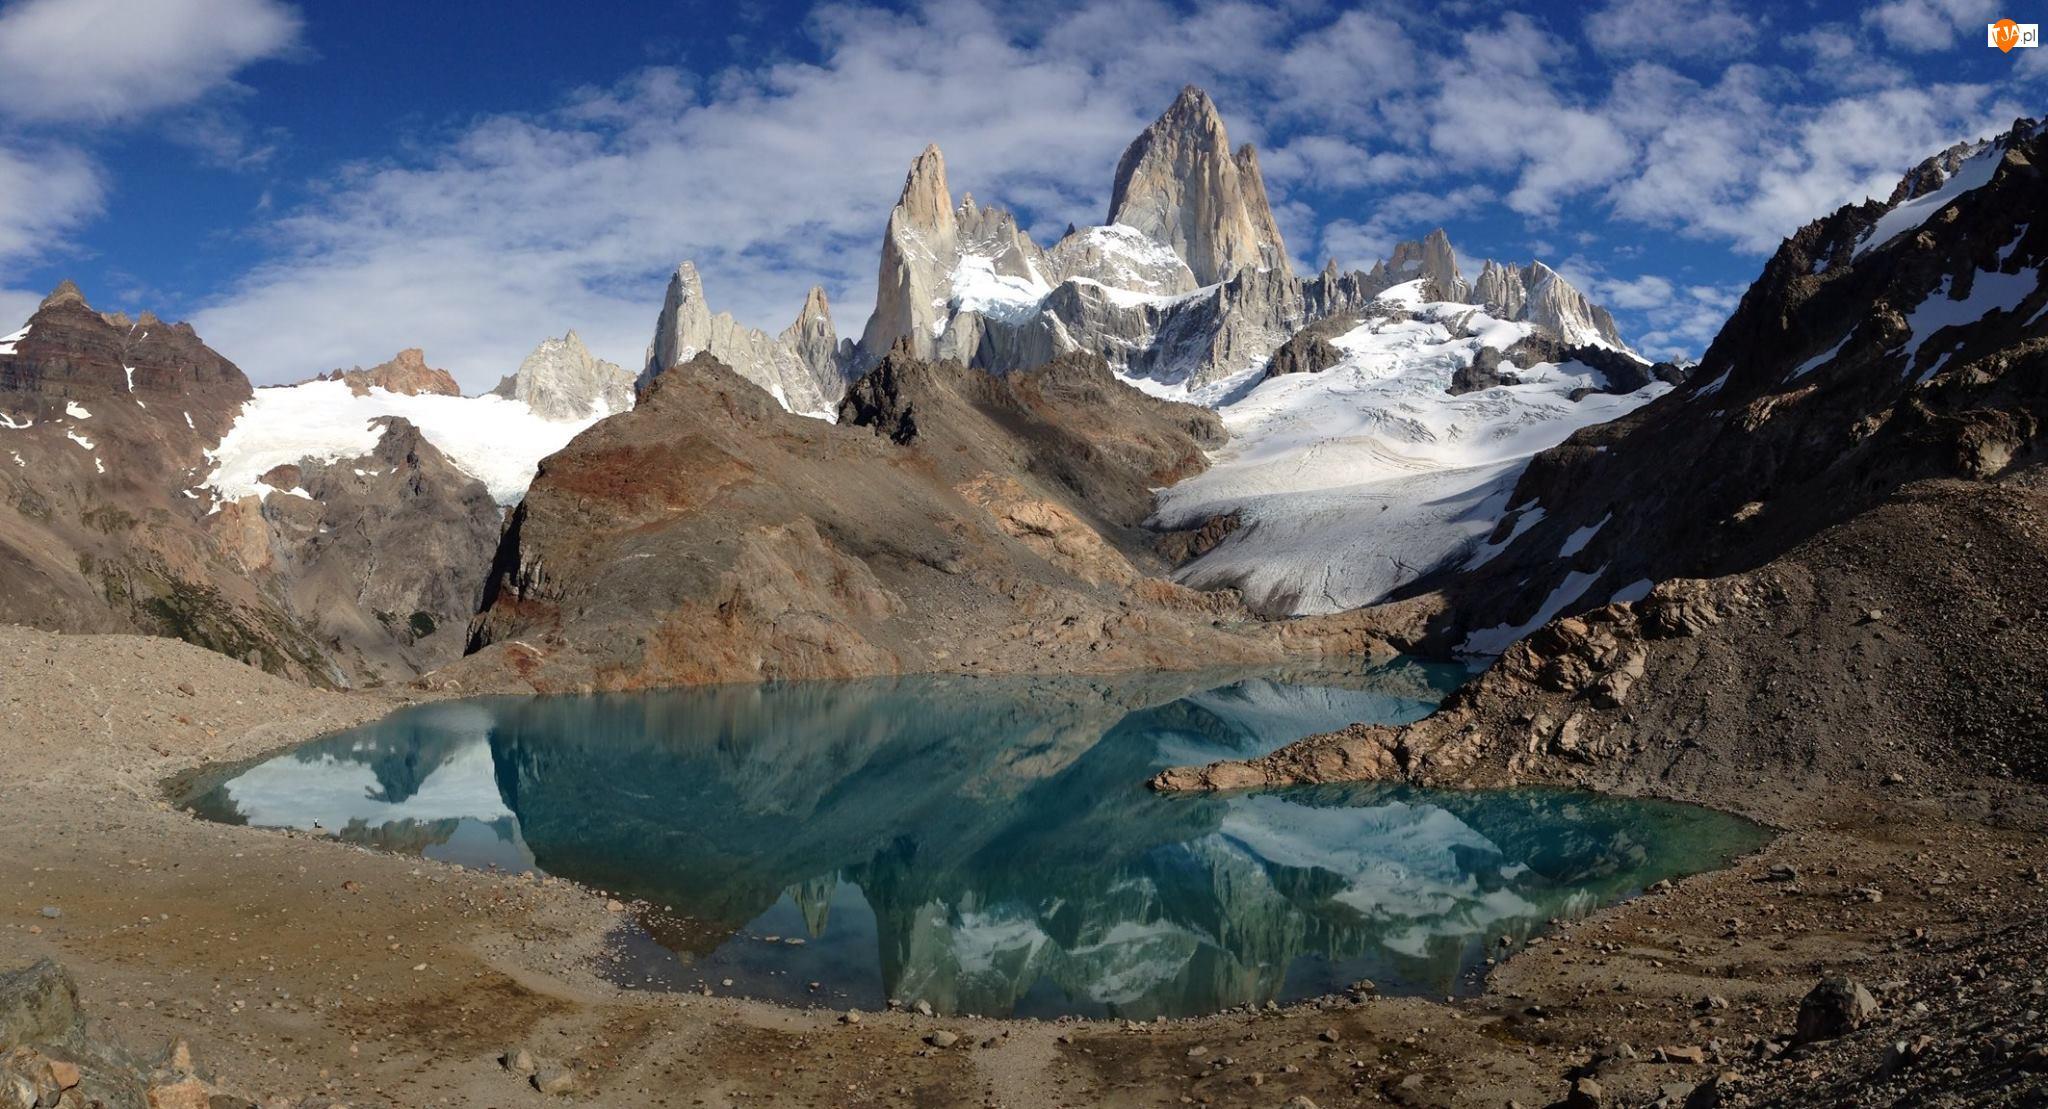 Jezioro, Niebo, Góry, Śnieg